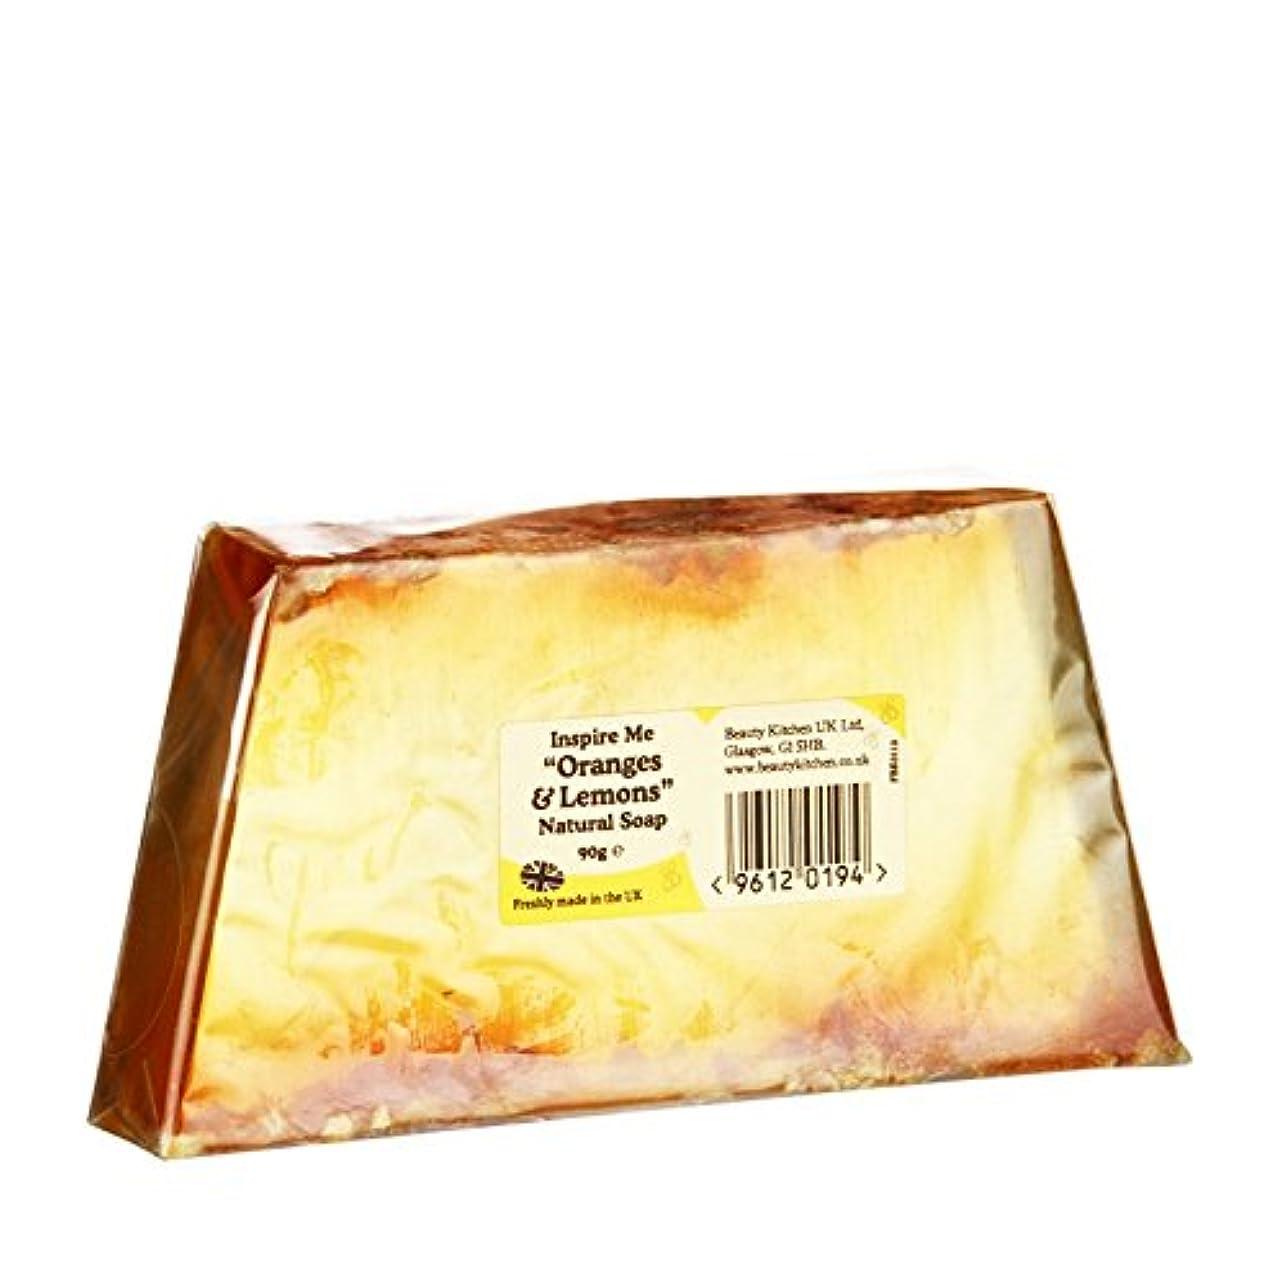 感覚オンスパシフィックBeauty Kitchen Inspire Me Orange & Lemon Natural Soap 90g (Pack of 6) - 美しさのキッチンは私がオレンジ&レモンの天然石鹸90グラム鼓舞します (x6) [並行輸入品]